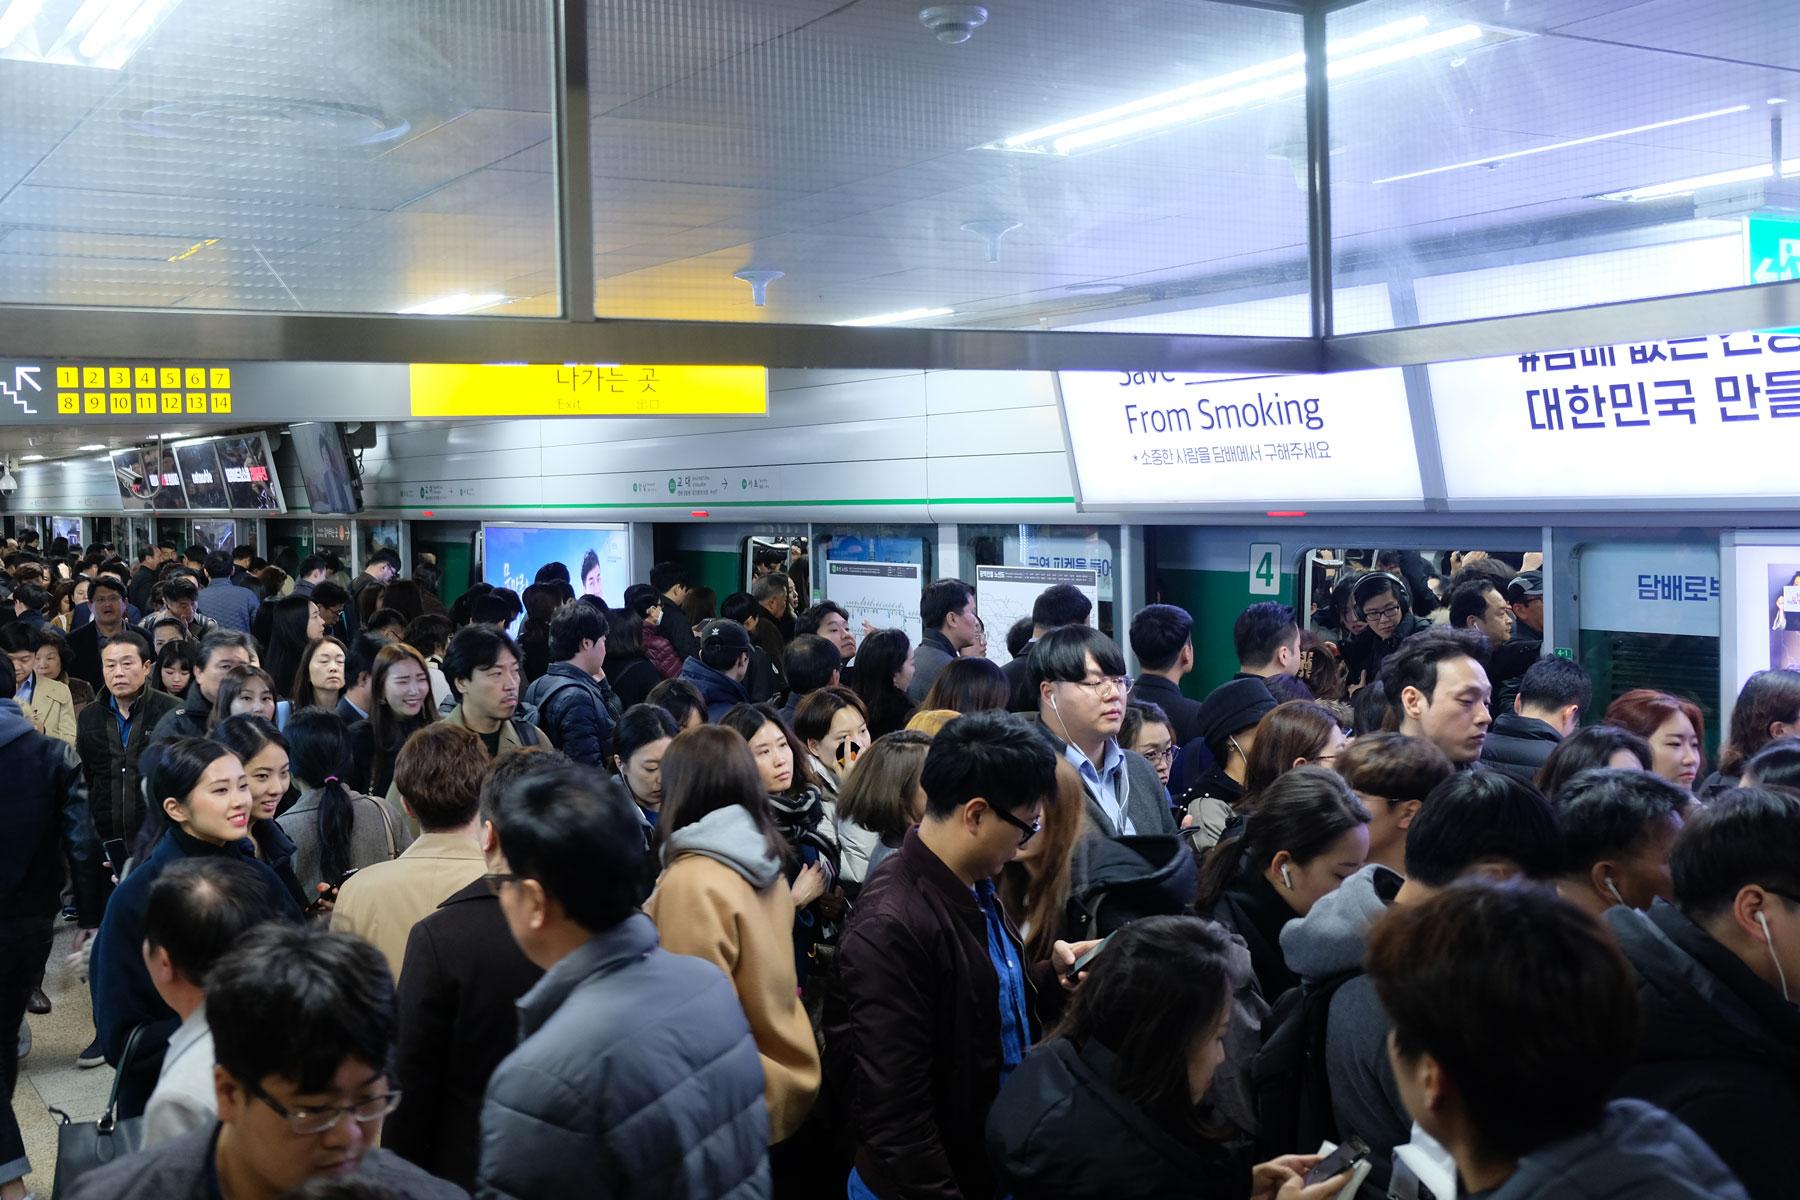 In der Metrohaltestelle stauen sich die Menschen in der rush hour.